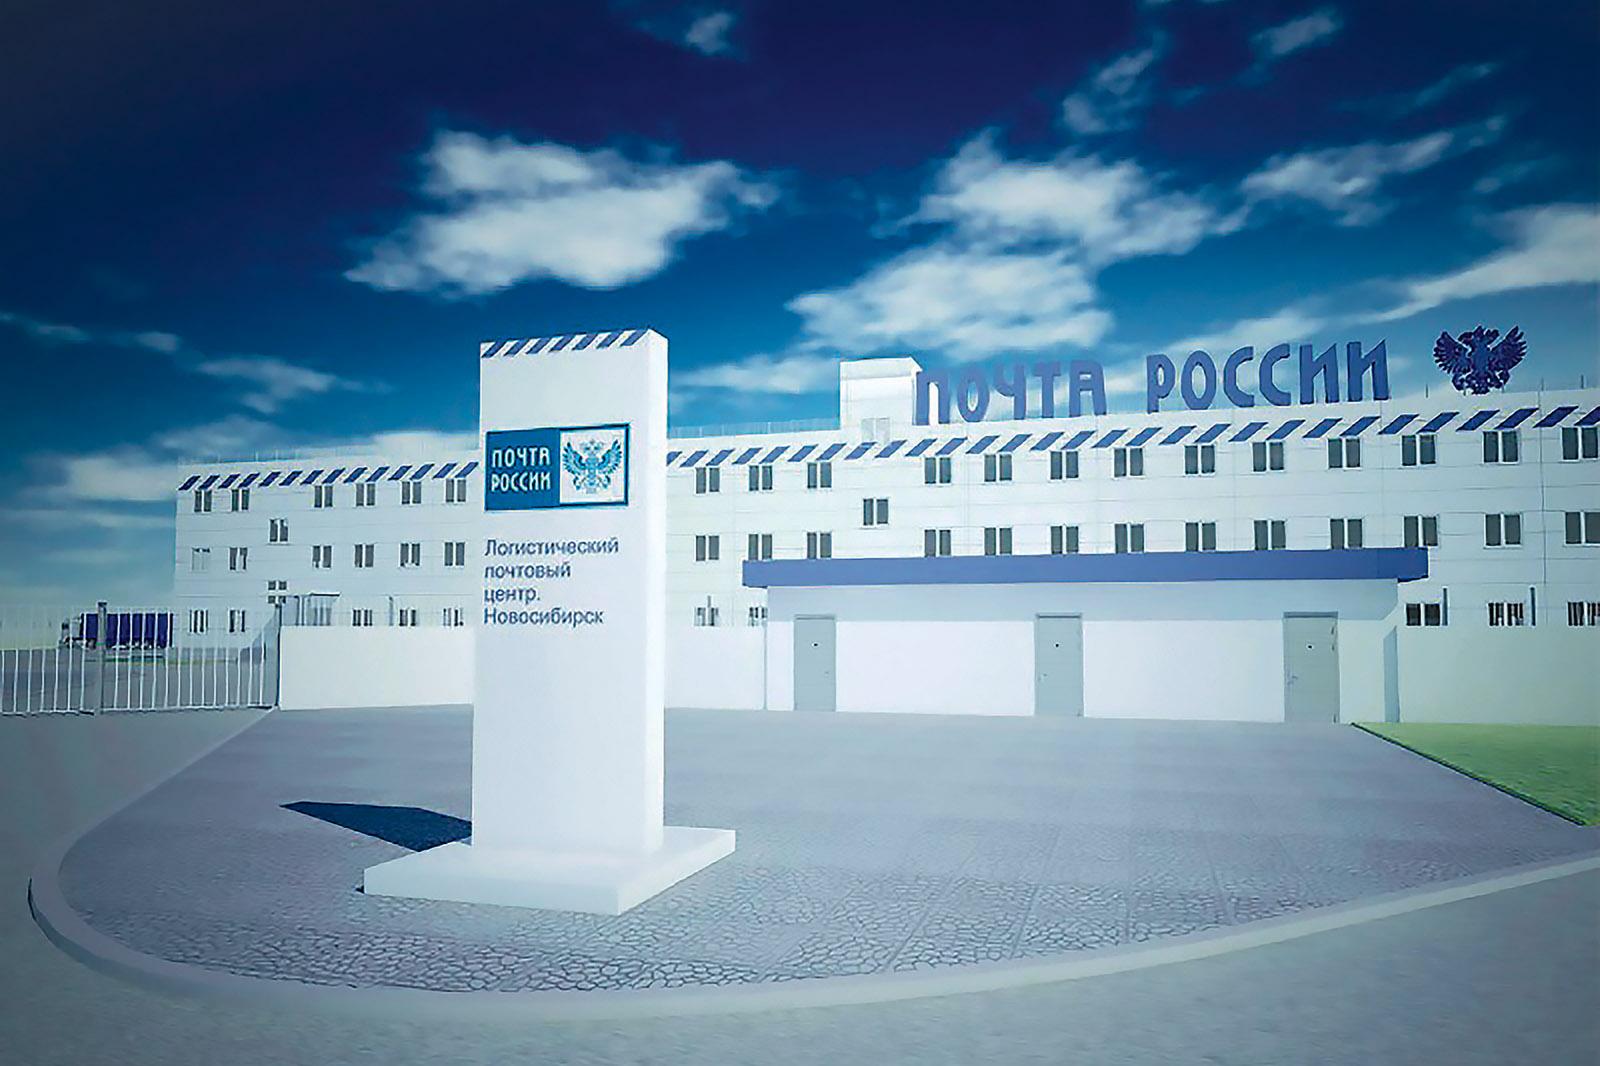 Логистический центр россии реферат 9935